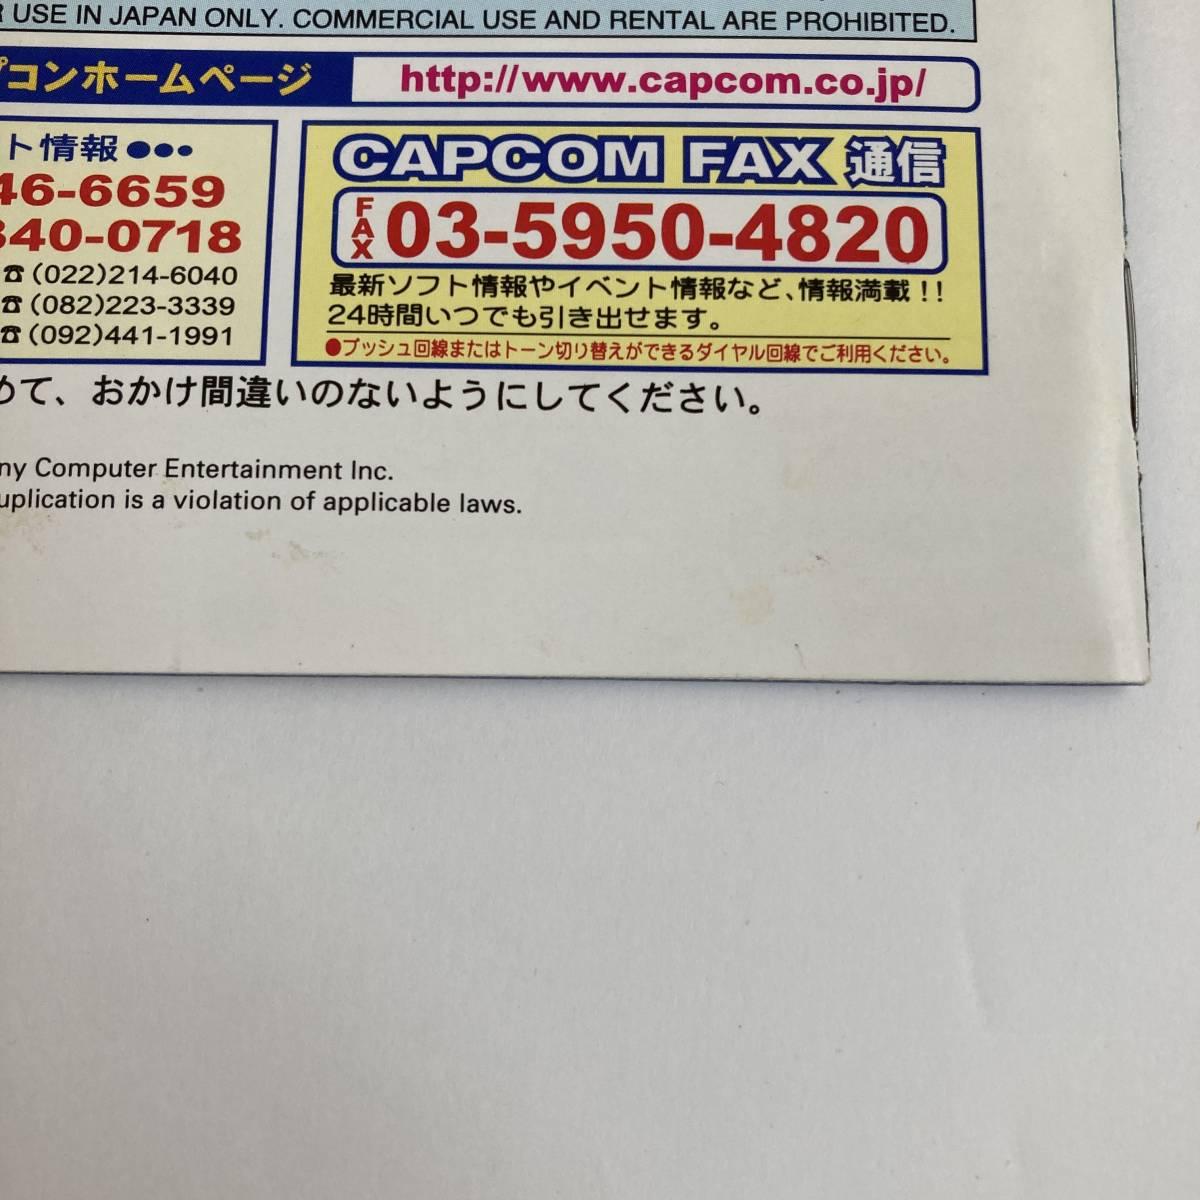 プレイステーション PS用 ロックマンX4 X5 X6 セット / Lot 3 Megaman X4 X5 X6 PS1 Rockman Capcom Sony Playstation 1 PS Game Japan